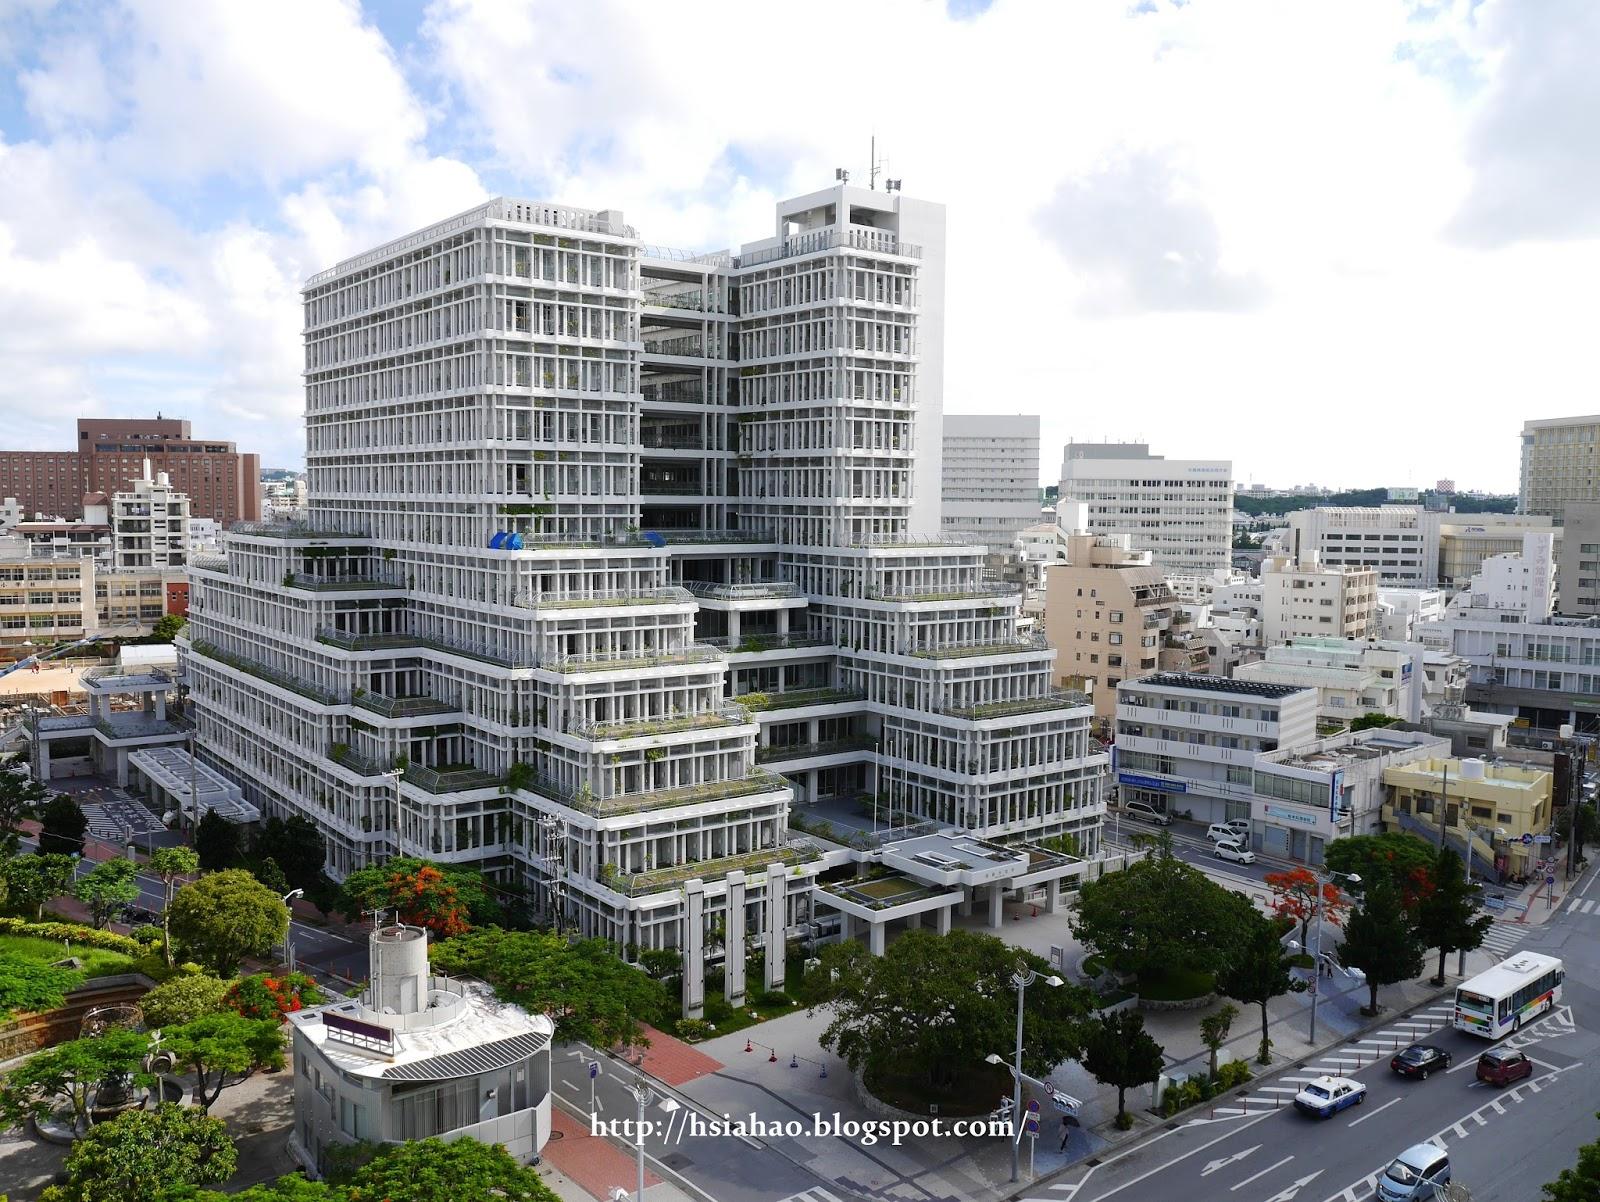 沖繩-國際通-縣廳前-逛街-購物-國際通景點-自由行-Okinawa-kokusaidori